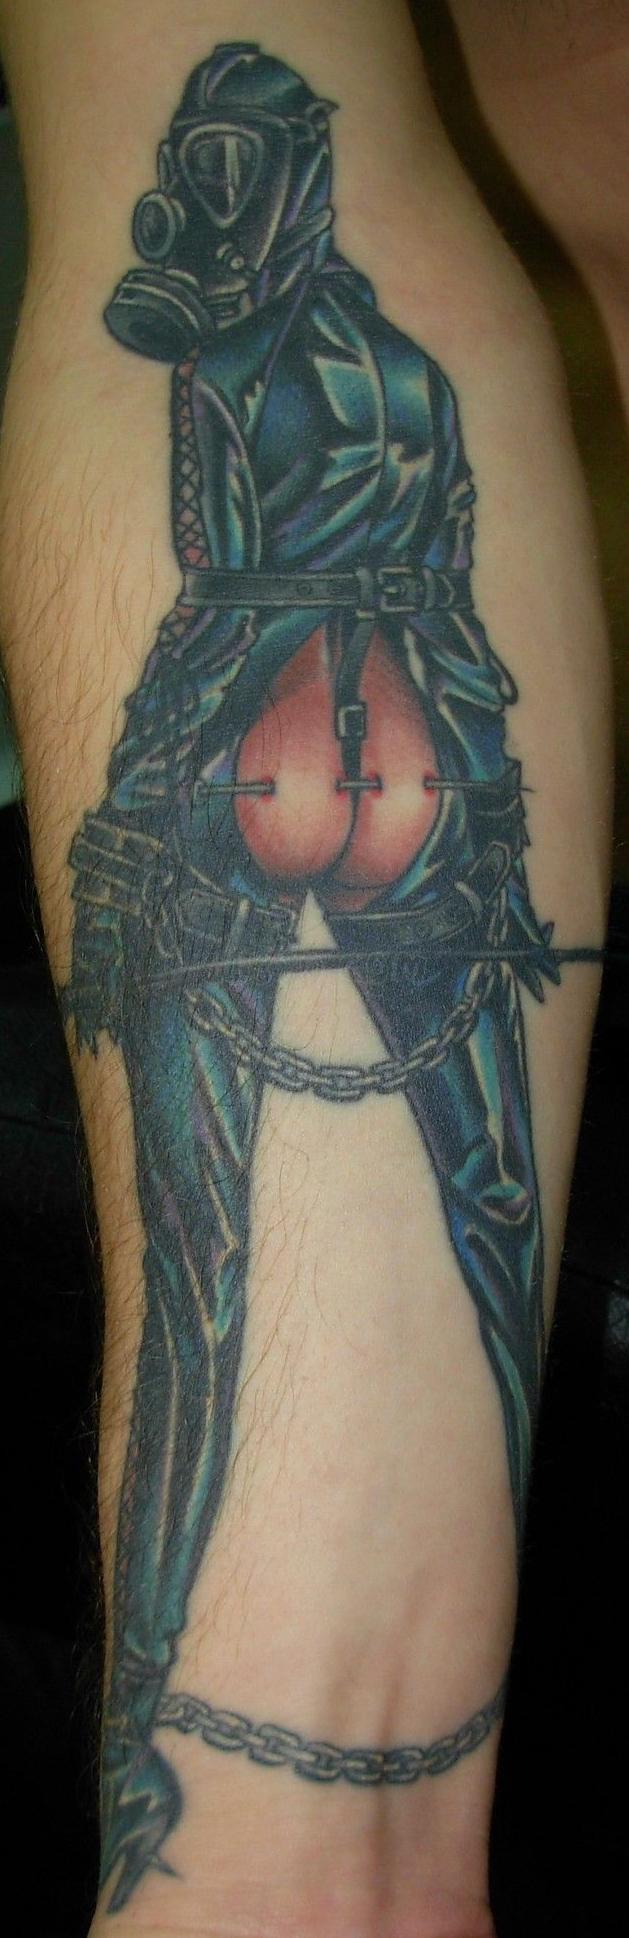 Estudio profesional de tatuaje